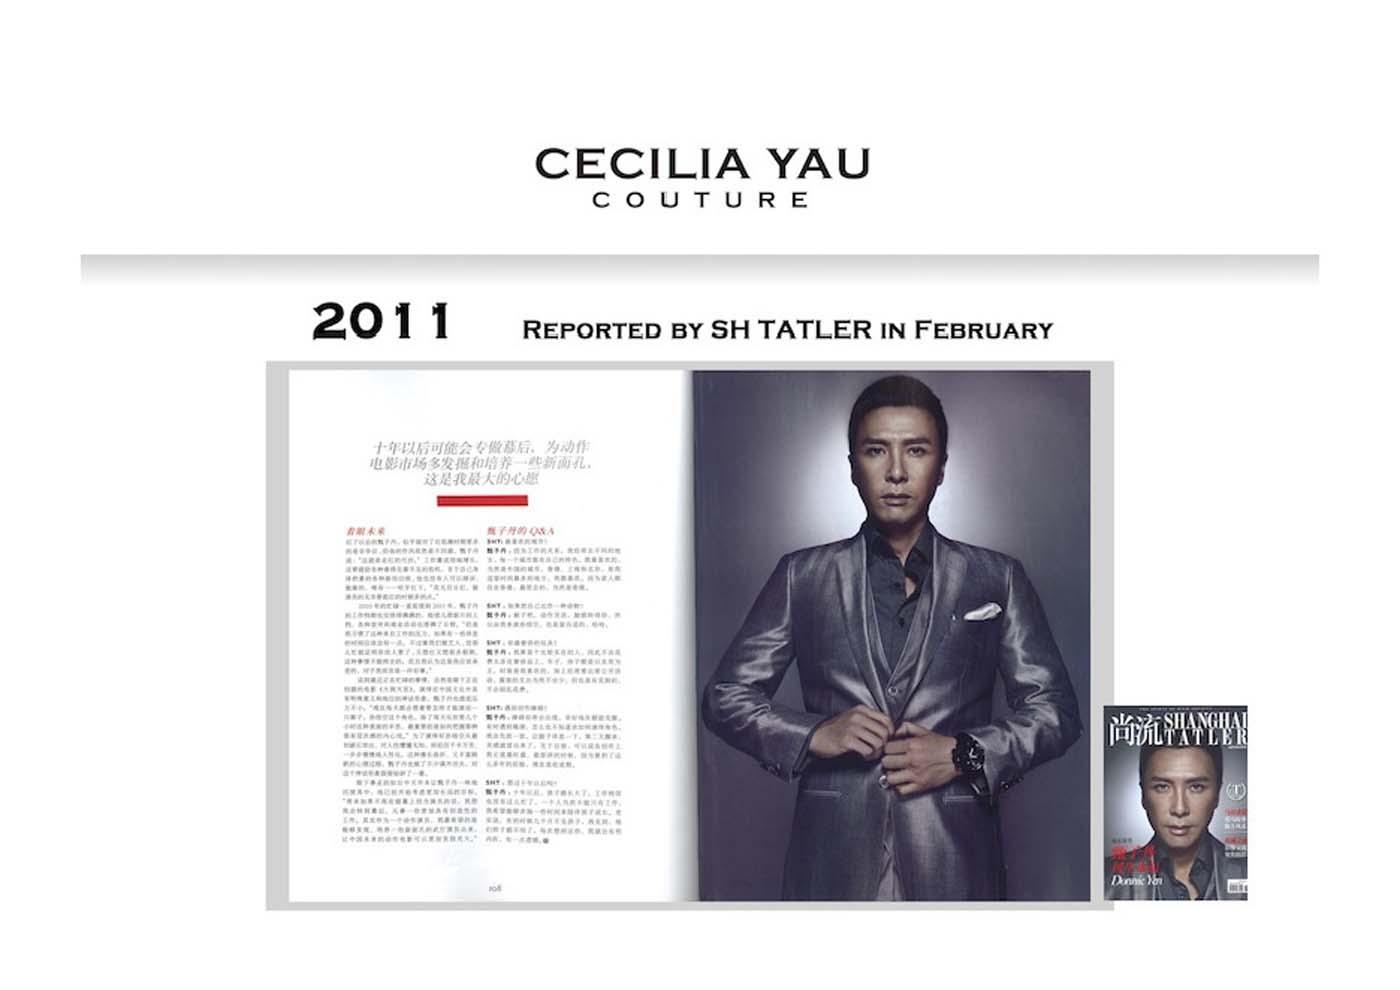 Yen Zidang in Cecilia Yau Couture